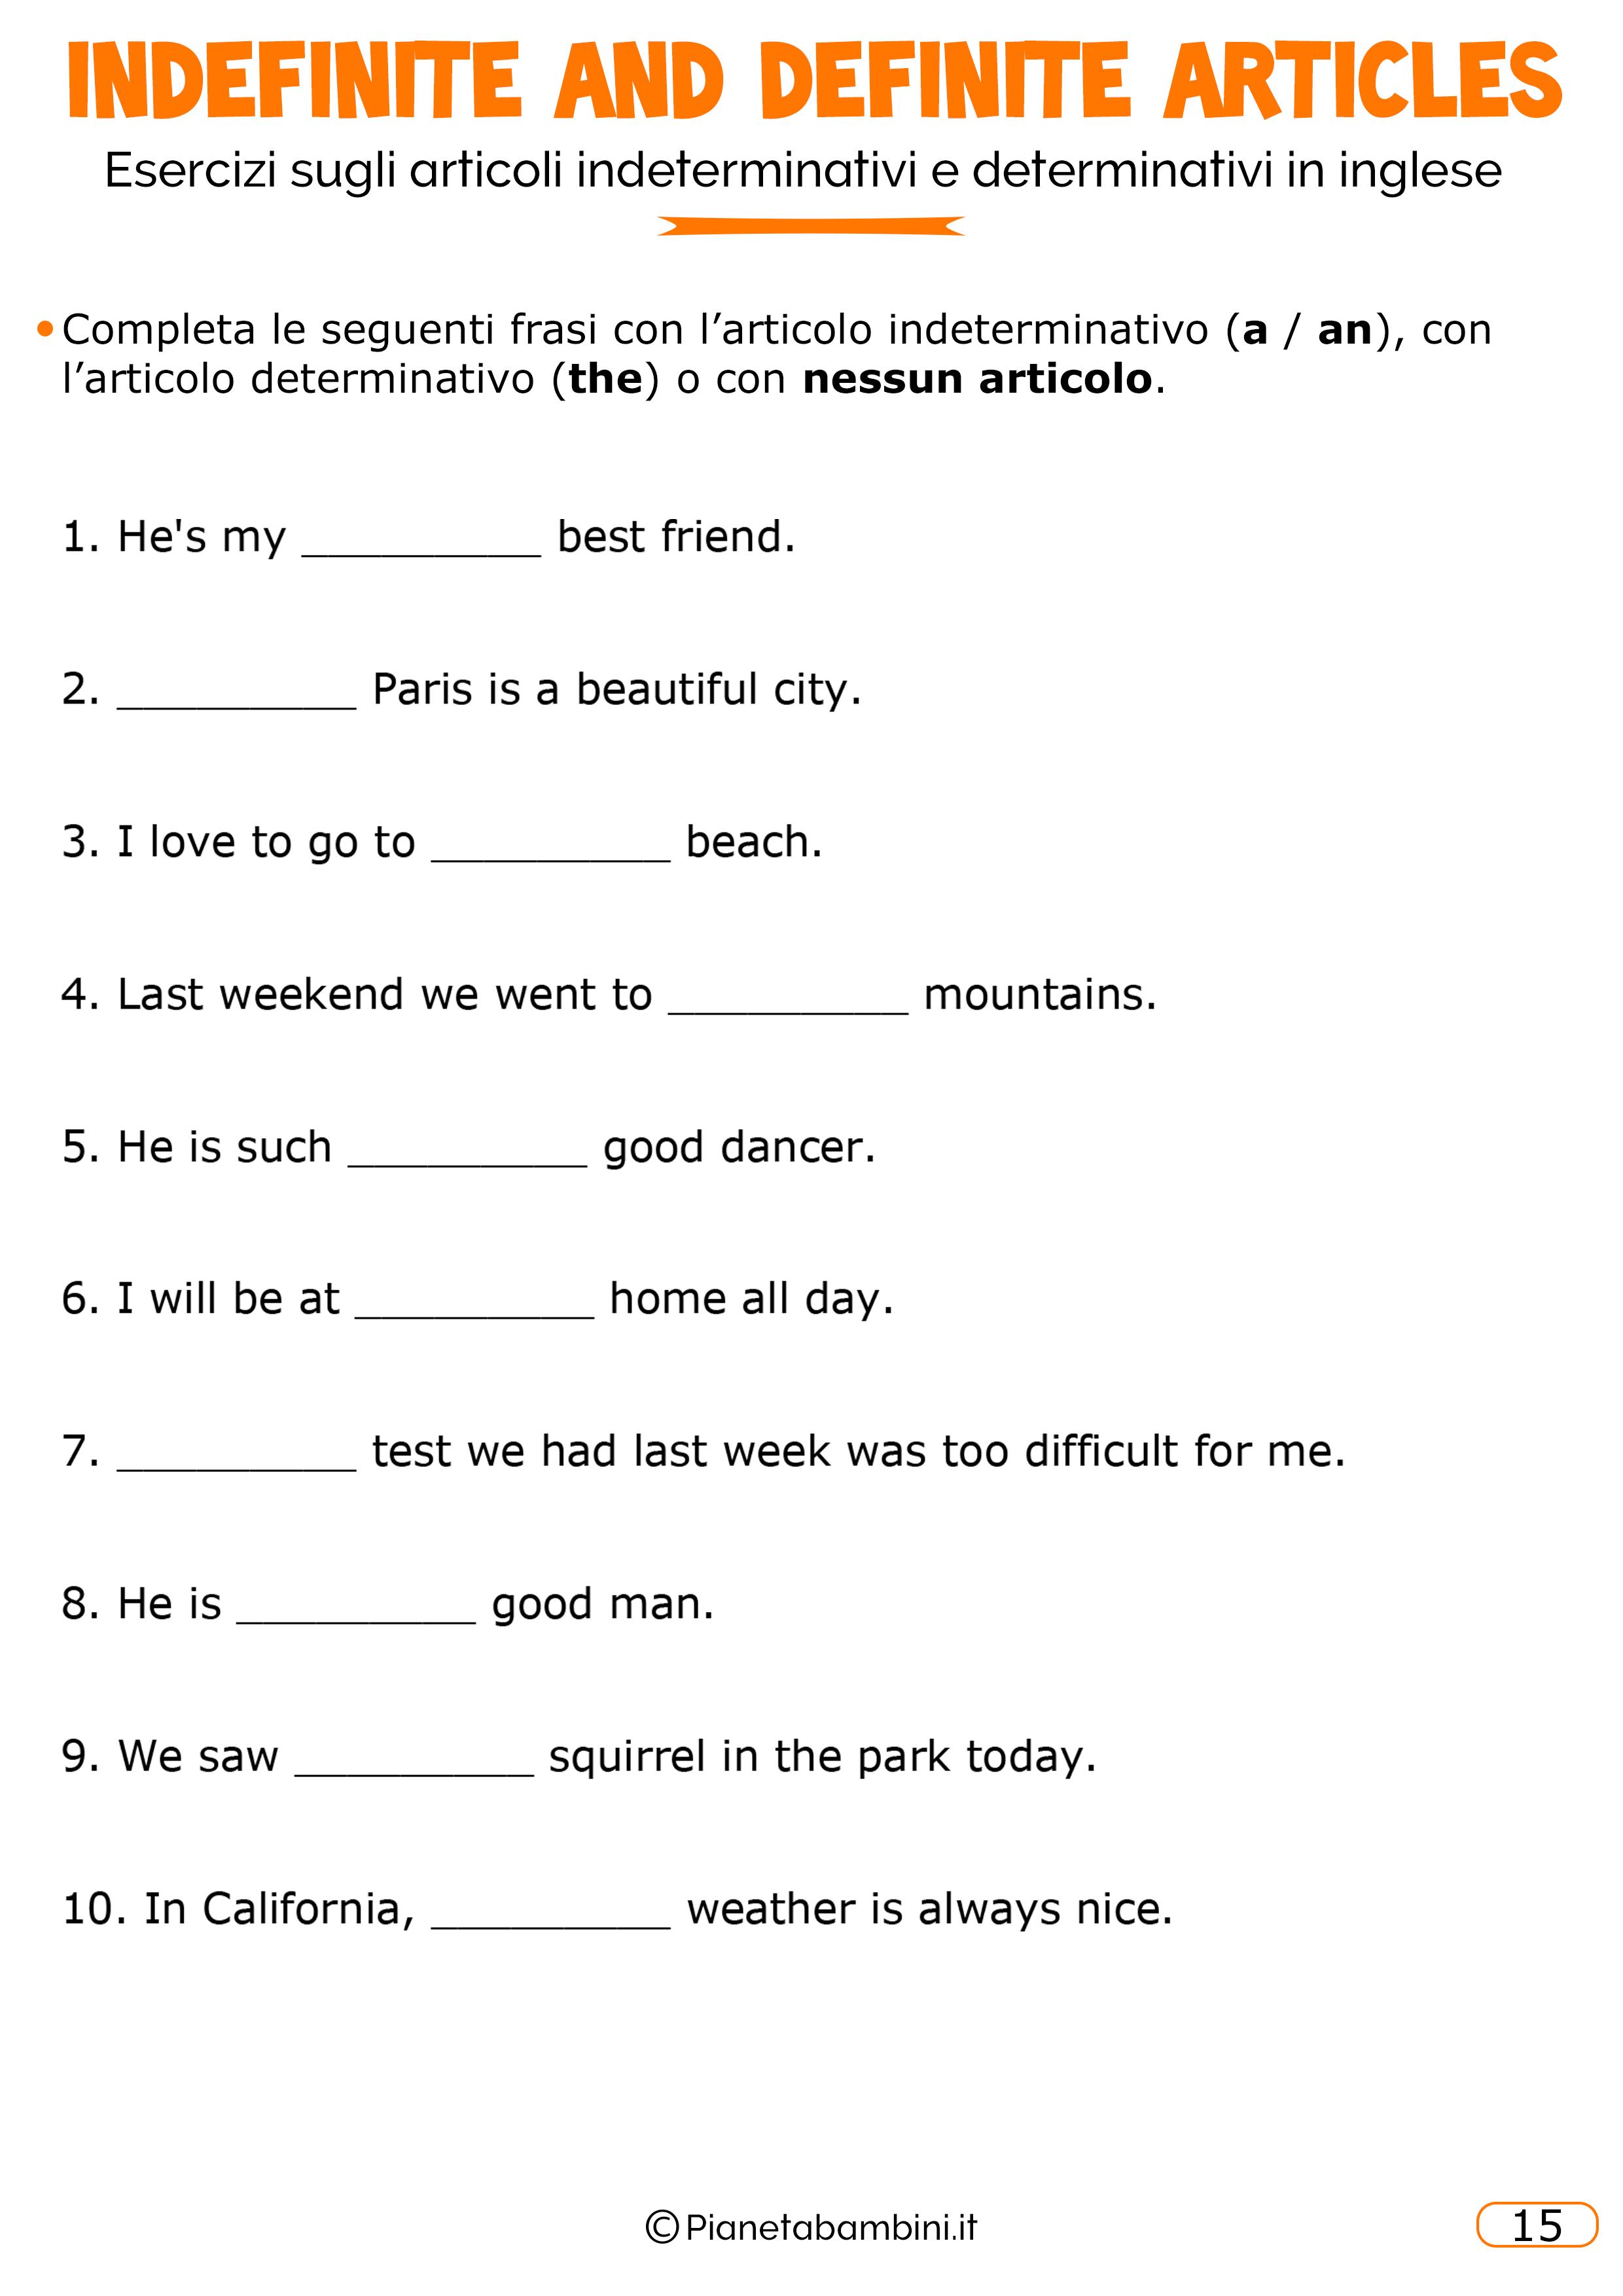 Esercizi-Articoli-Inglese-15